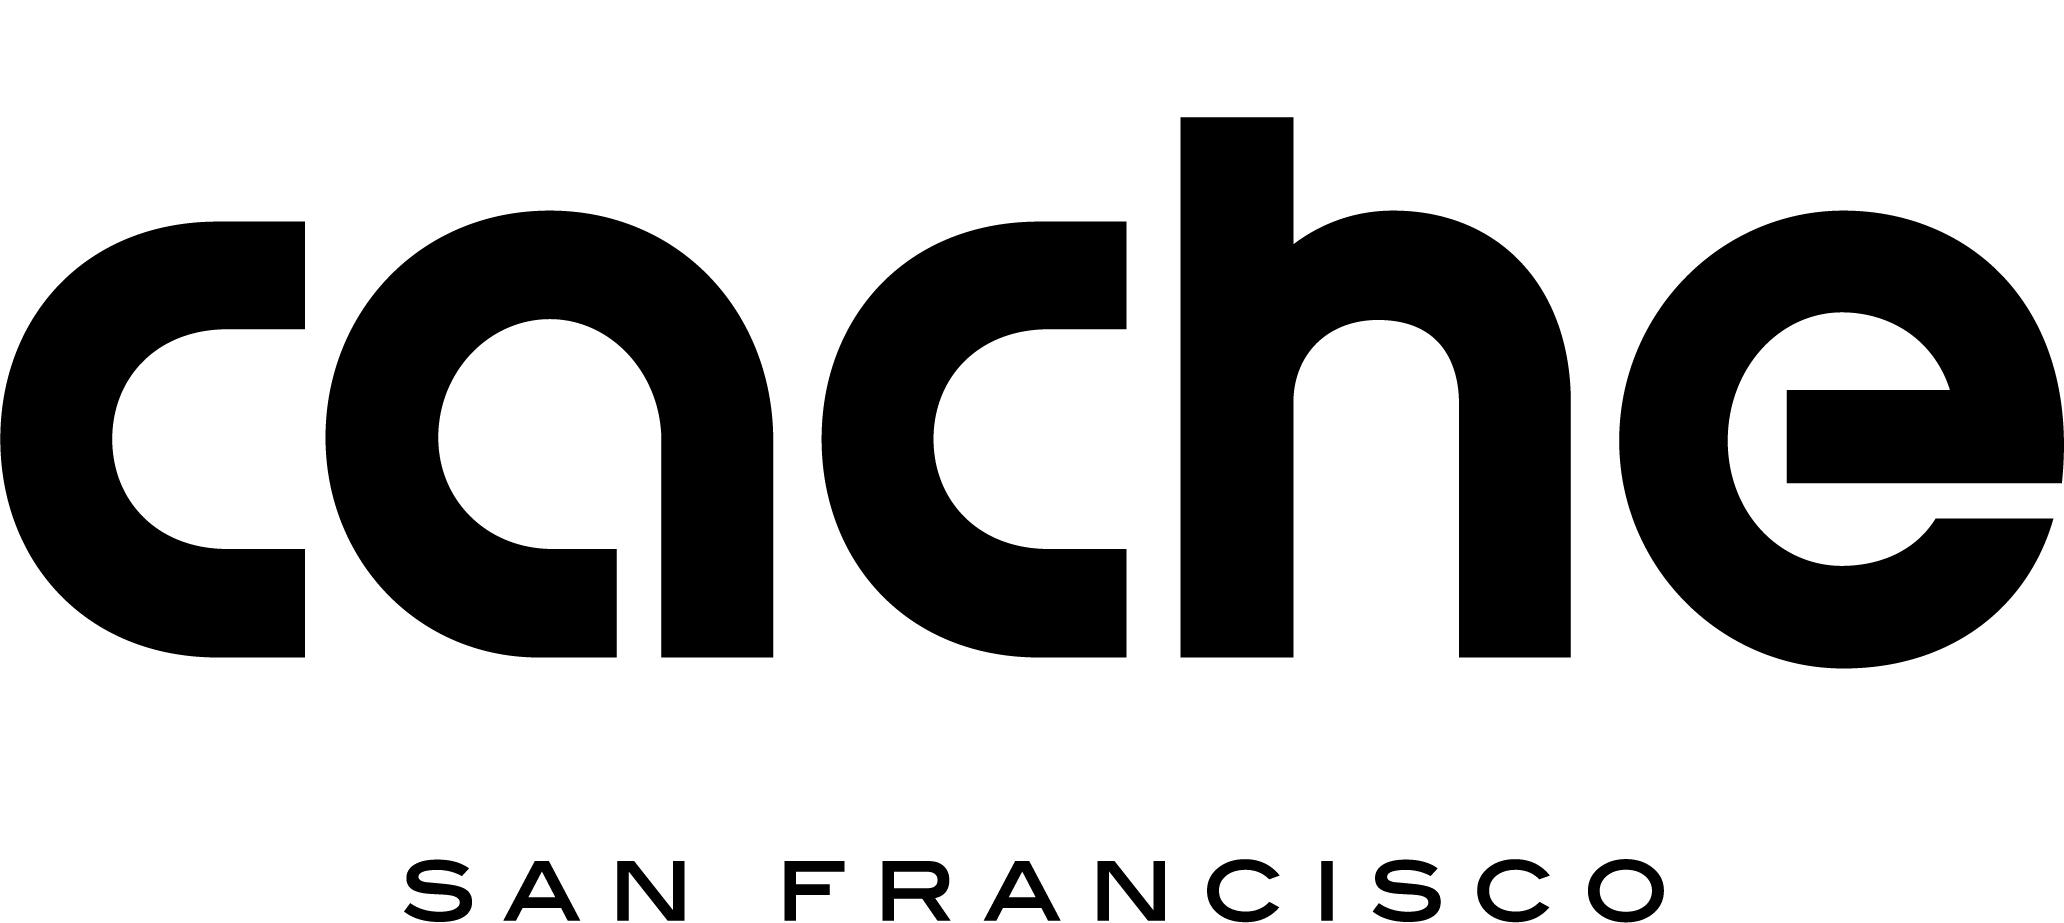 cache.company